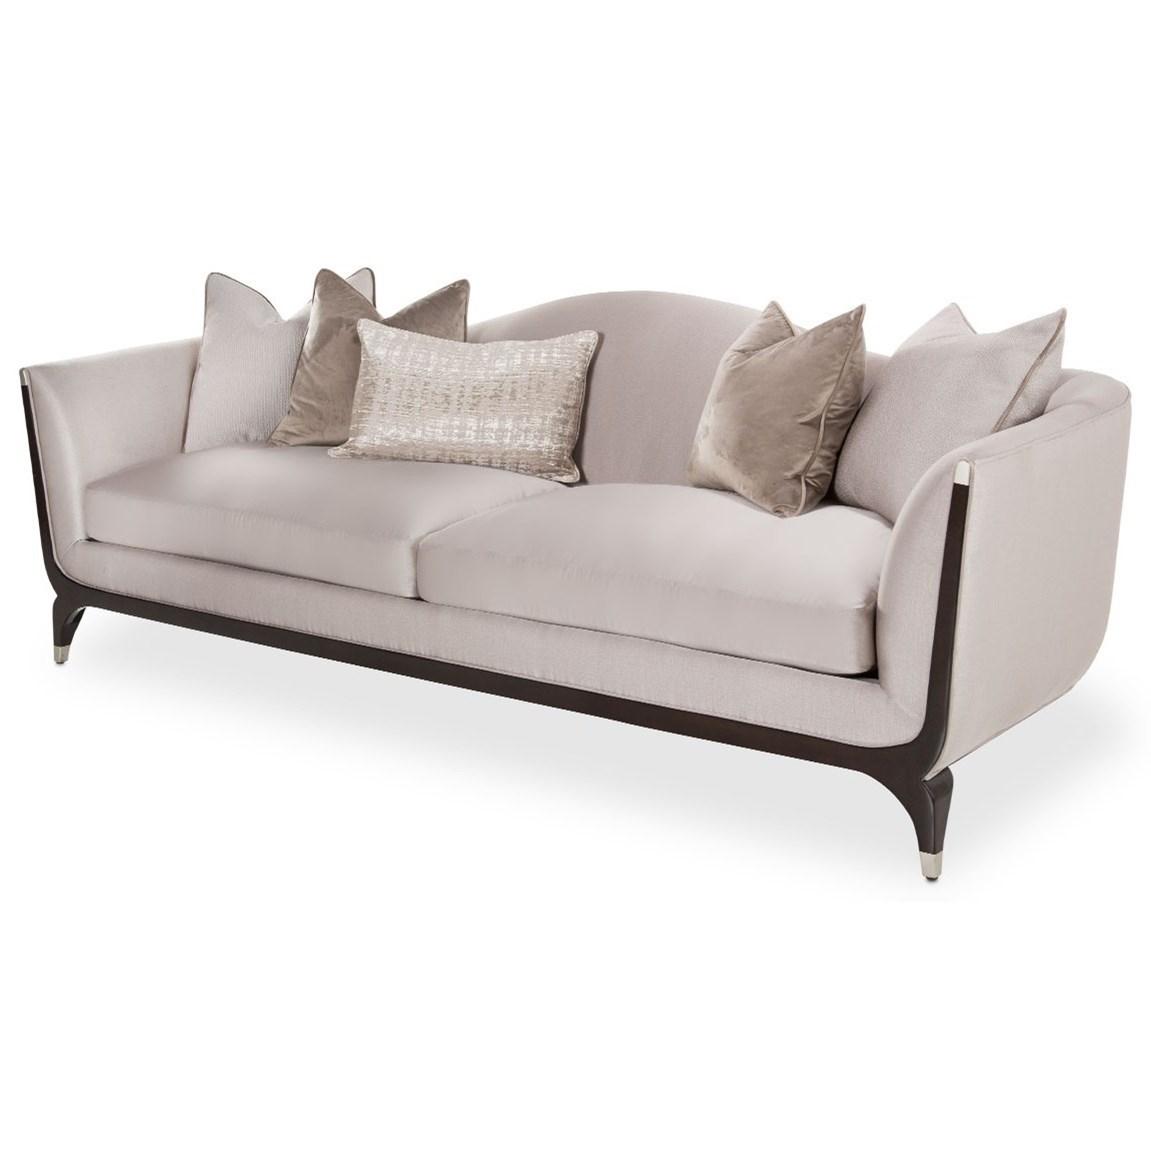 Paris Chic Sofa by Michael Amini at Darvin Furniture